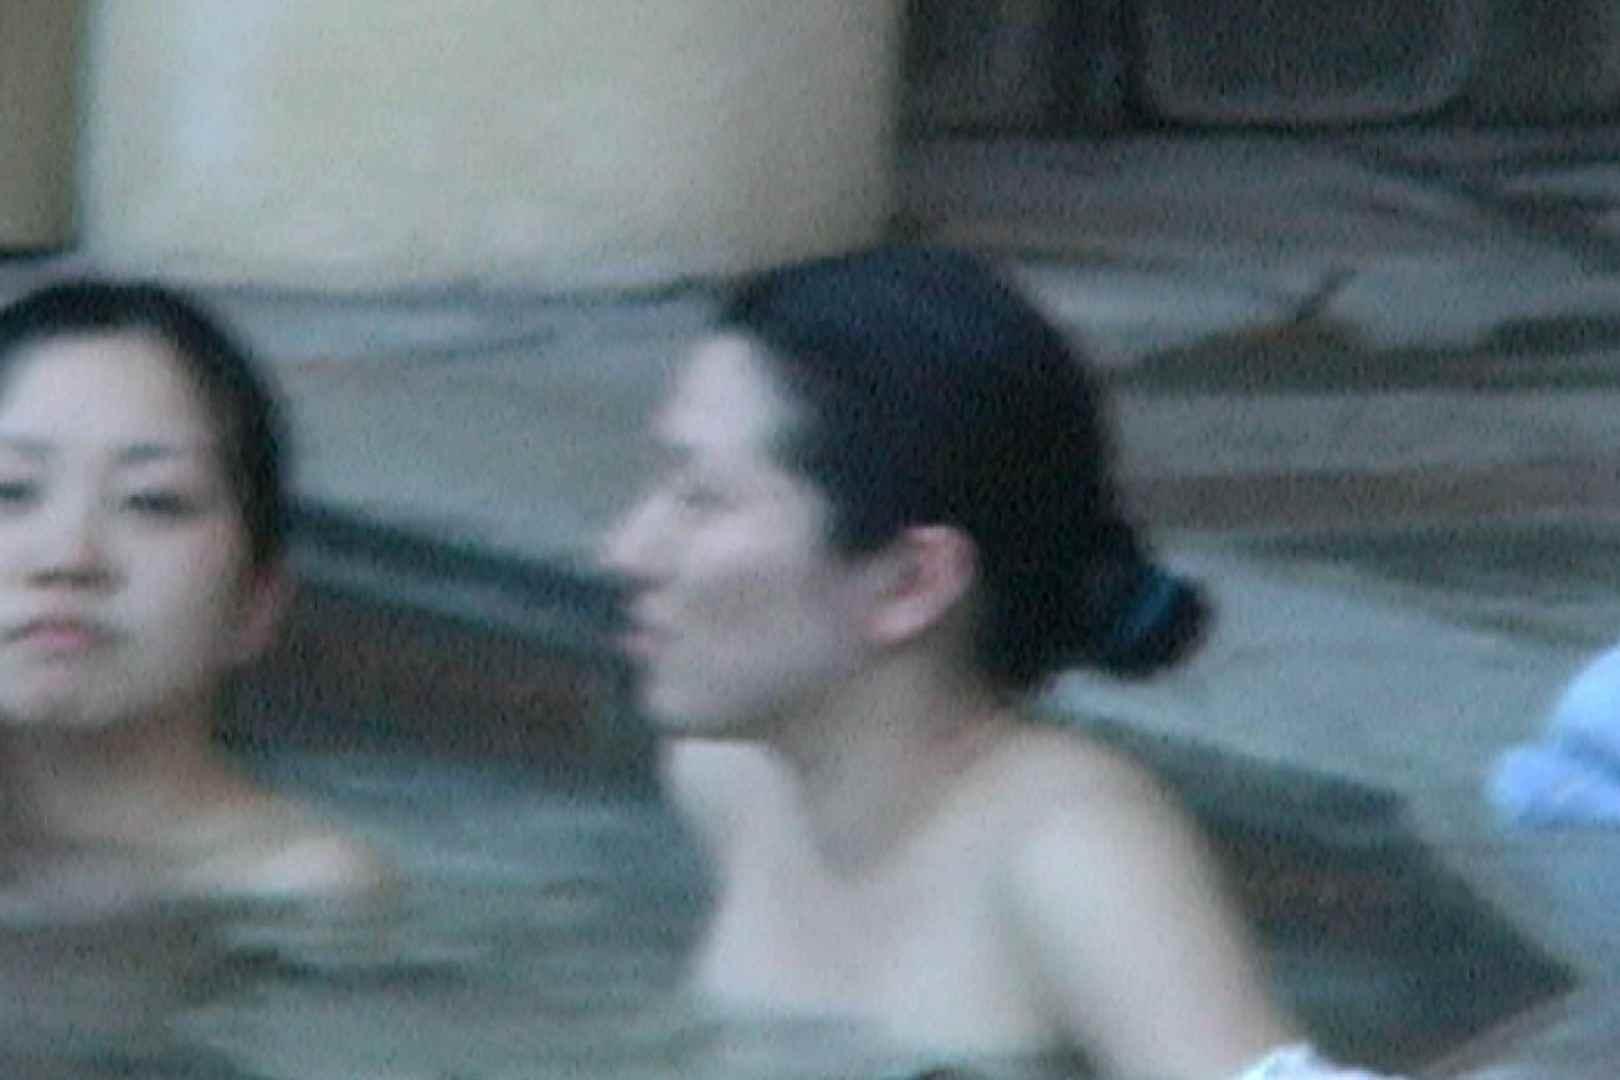 Aquaな露天風呂Vol.598 美しいOLの裸体 覗きおまんこ画像 105pic 2